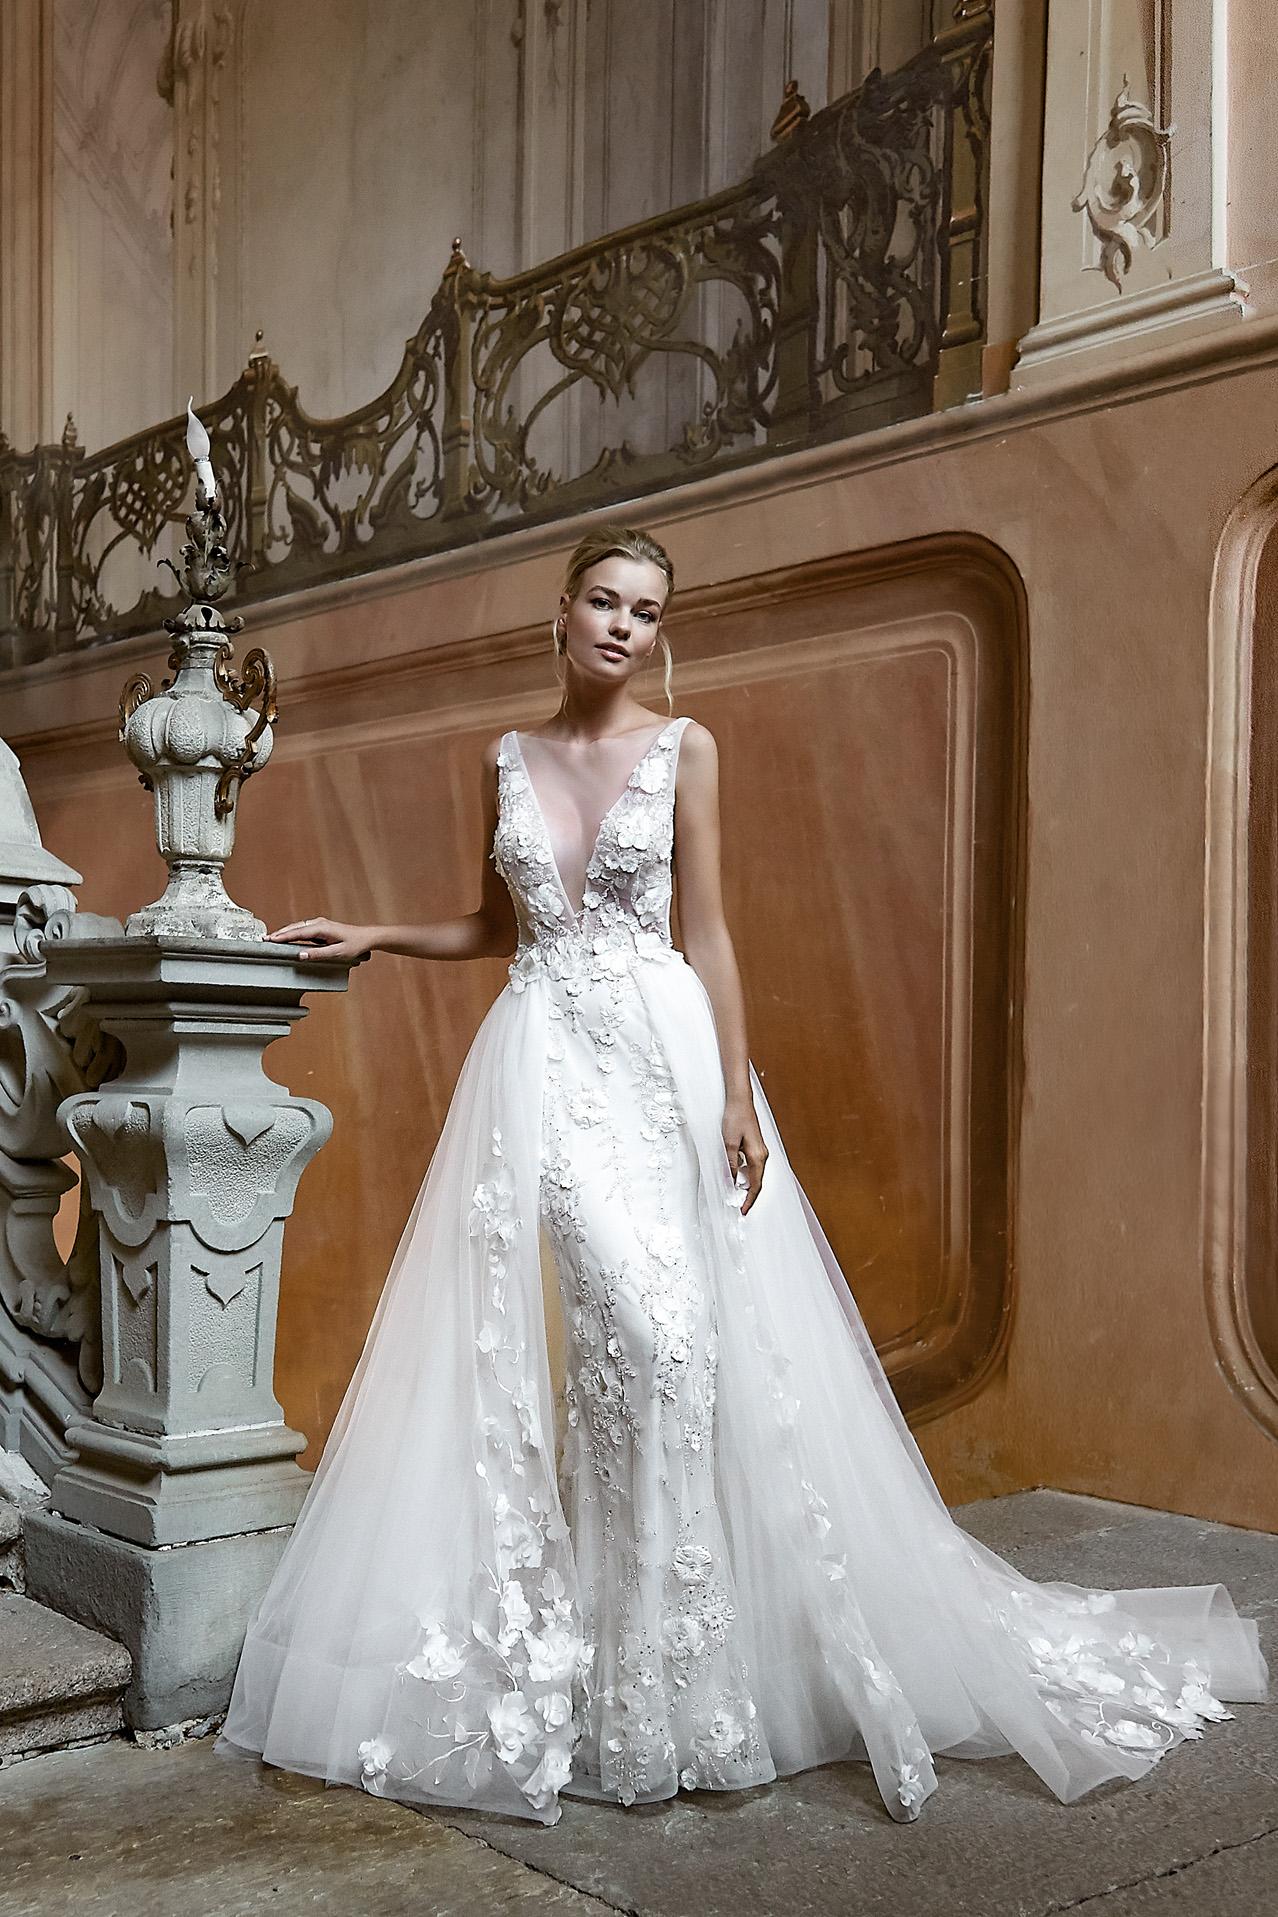 abito da sposa modello 2021 - foto davanti